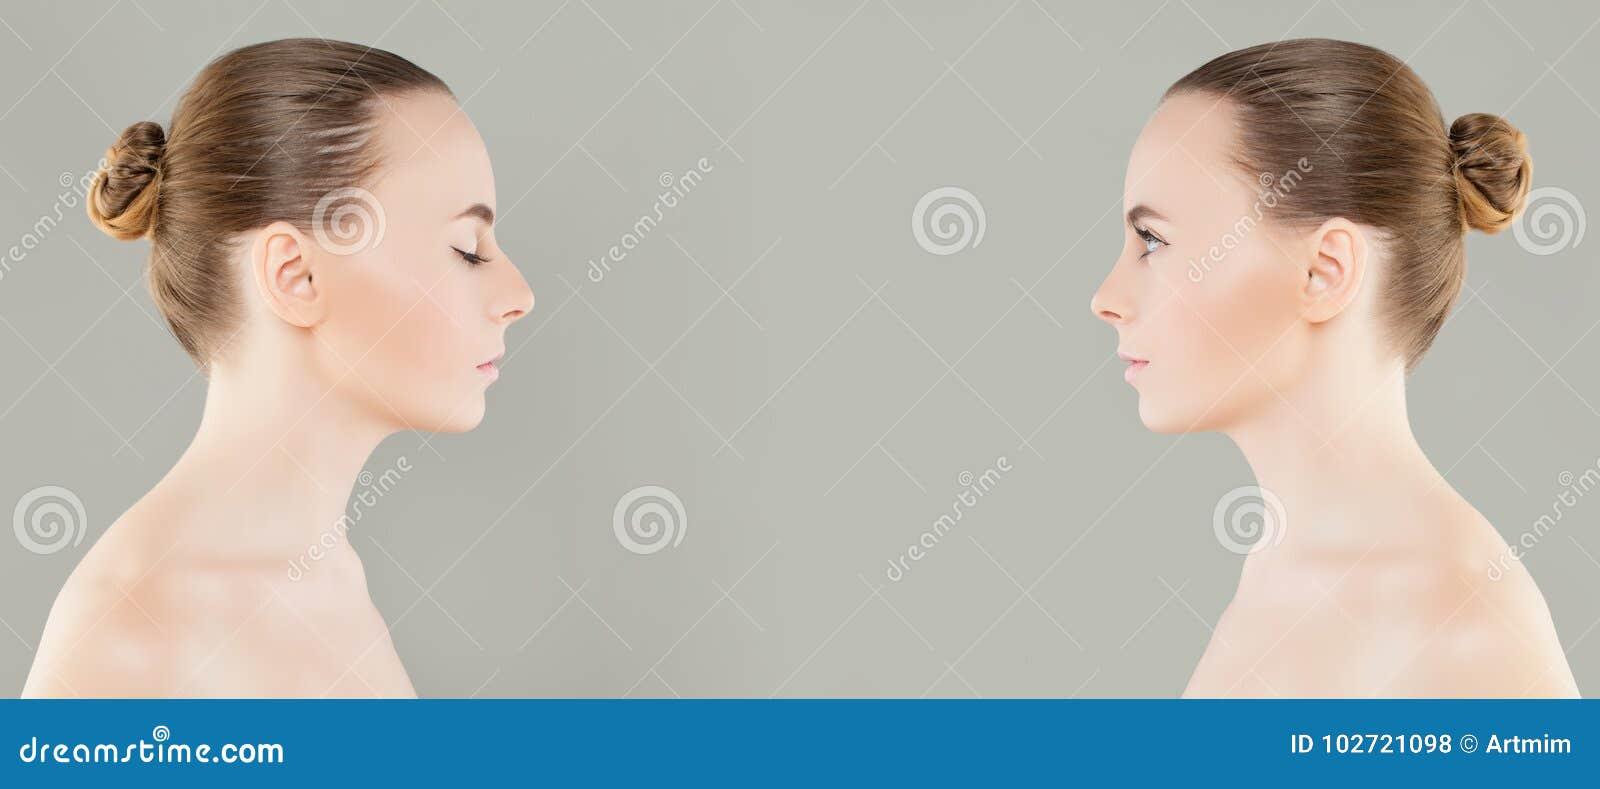 Kvinnlig kosmetisk kirurgi för näsan före och efter eller retuscherar